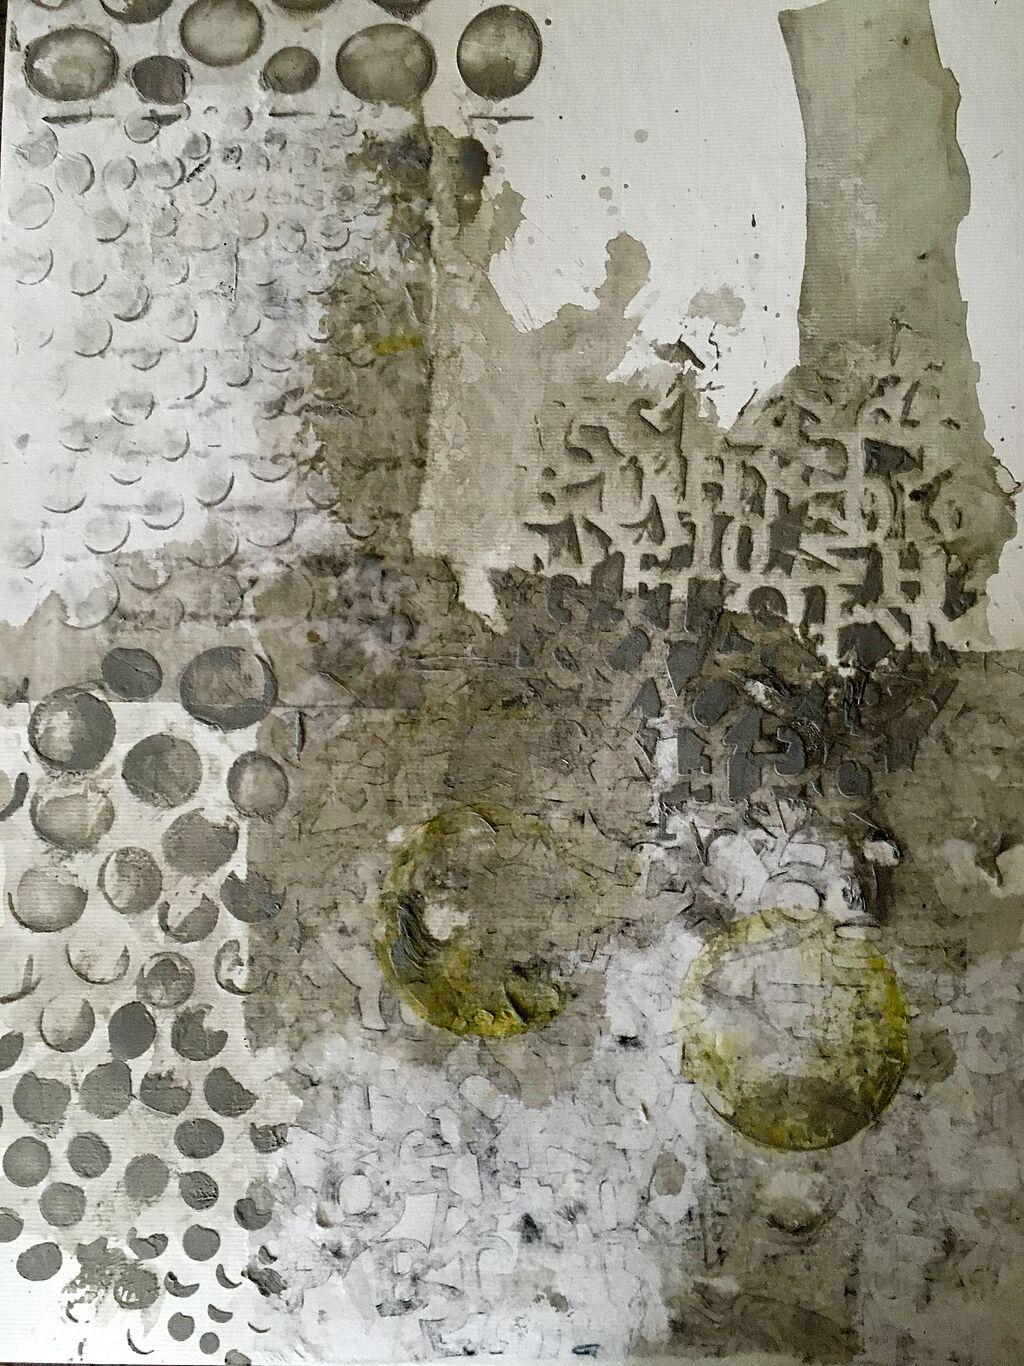 malen/zeichnen lernen » malen lernen: acrylmalerei » die vielzahl